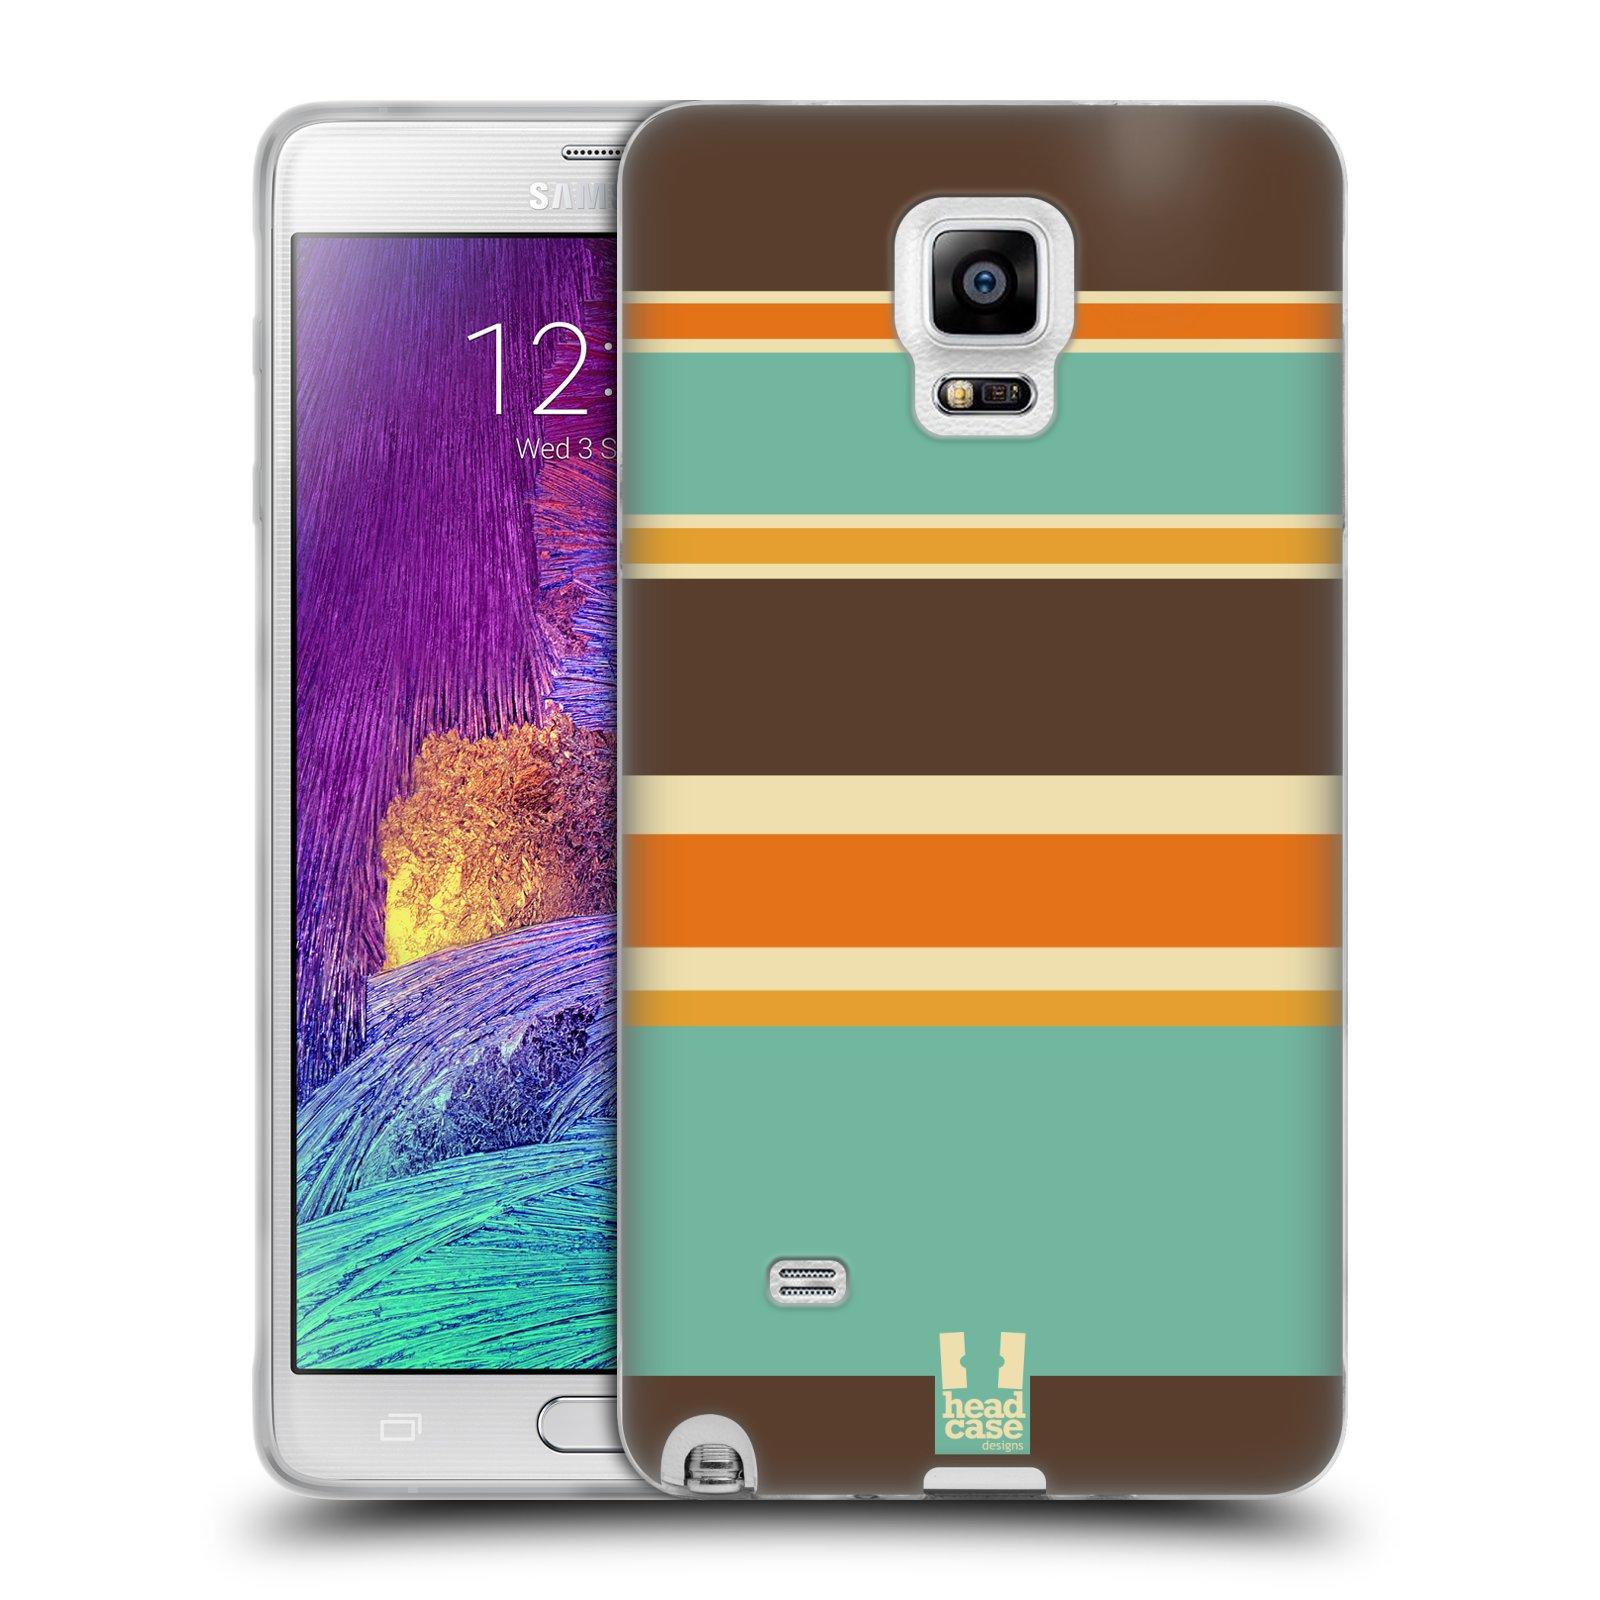 HEAD CASE silikonový obal na mobil Samsung Galaxy Note 4 (N910) vzor Barevné proužky ORANŽOVÁ A HNĚDÁ